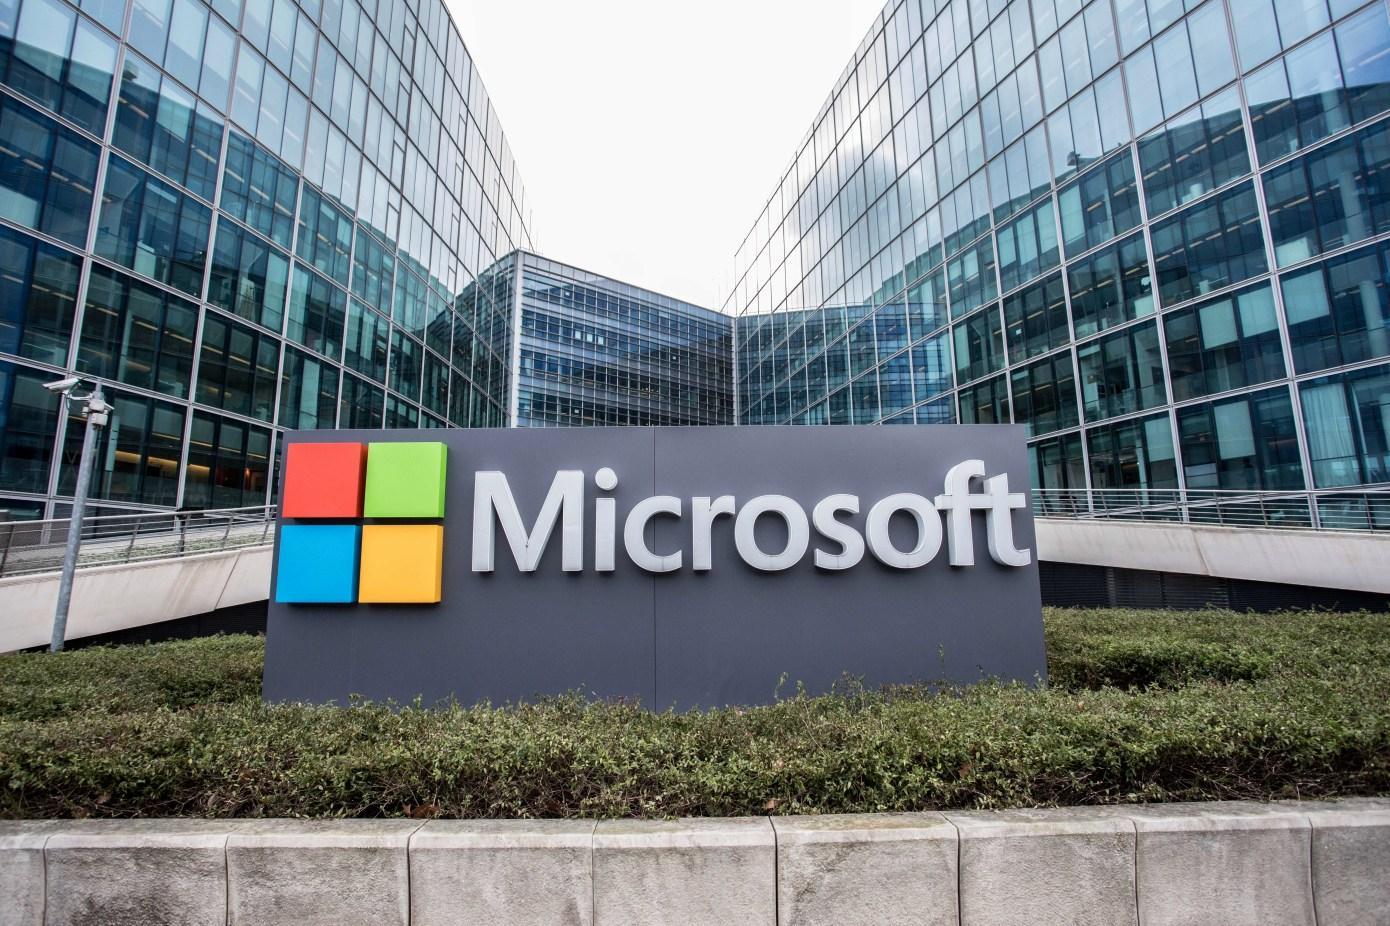 微软2020Q2财报:游戏业务收入下降,XGP订阅用户翻倍